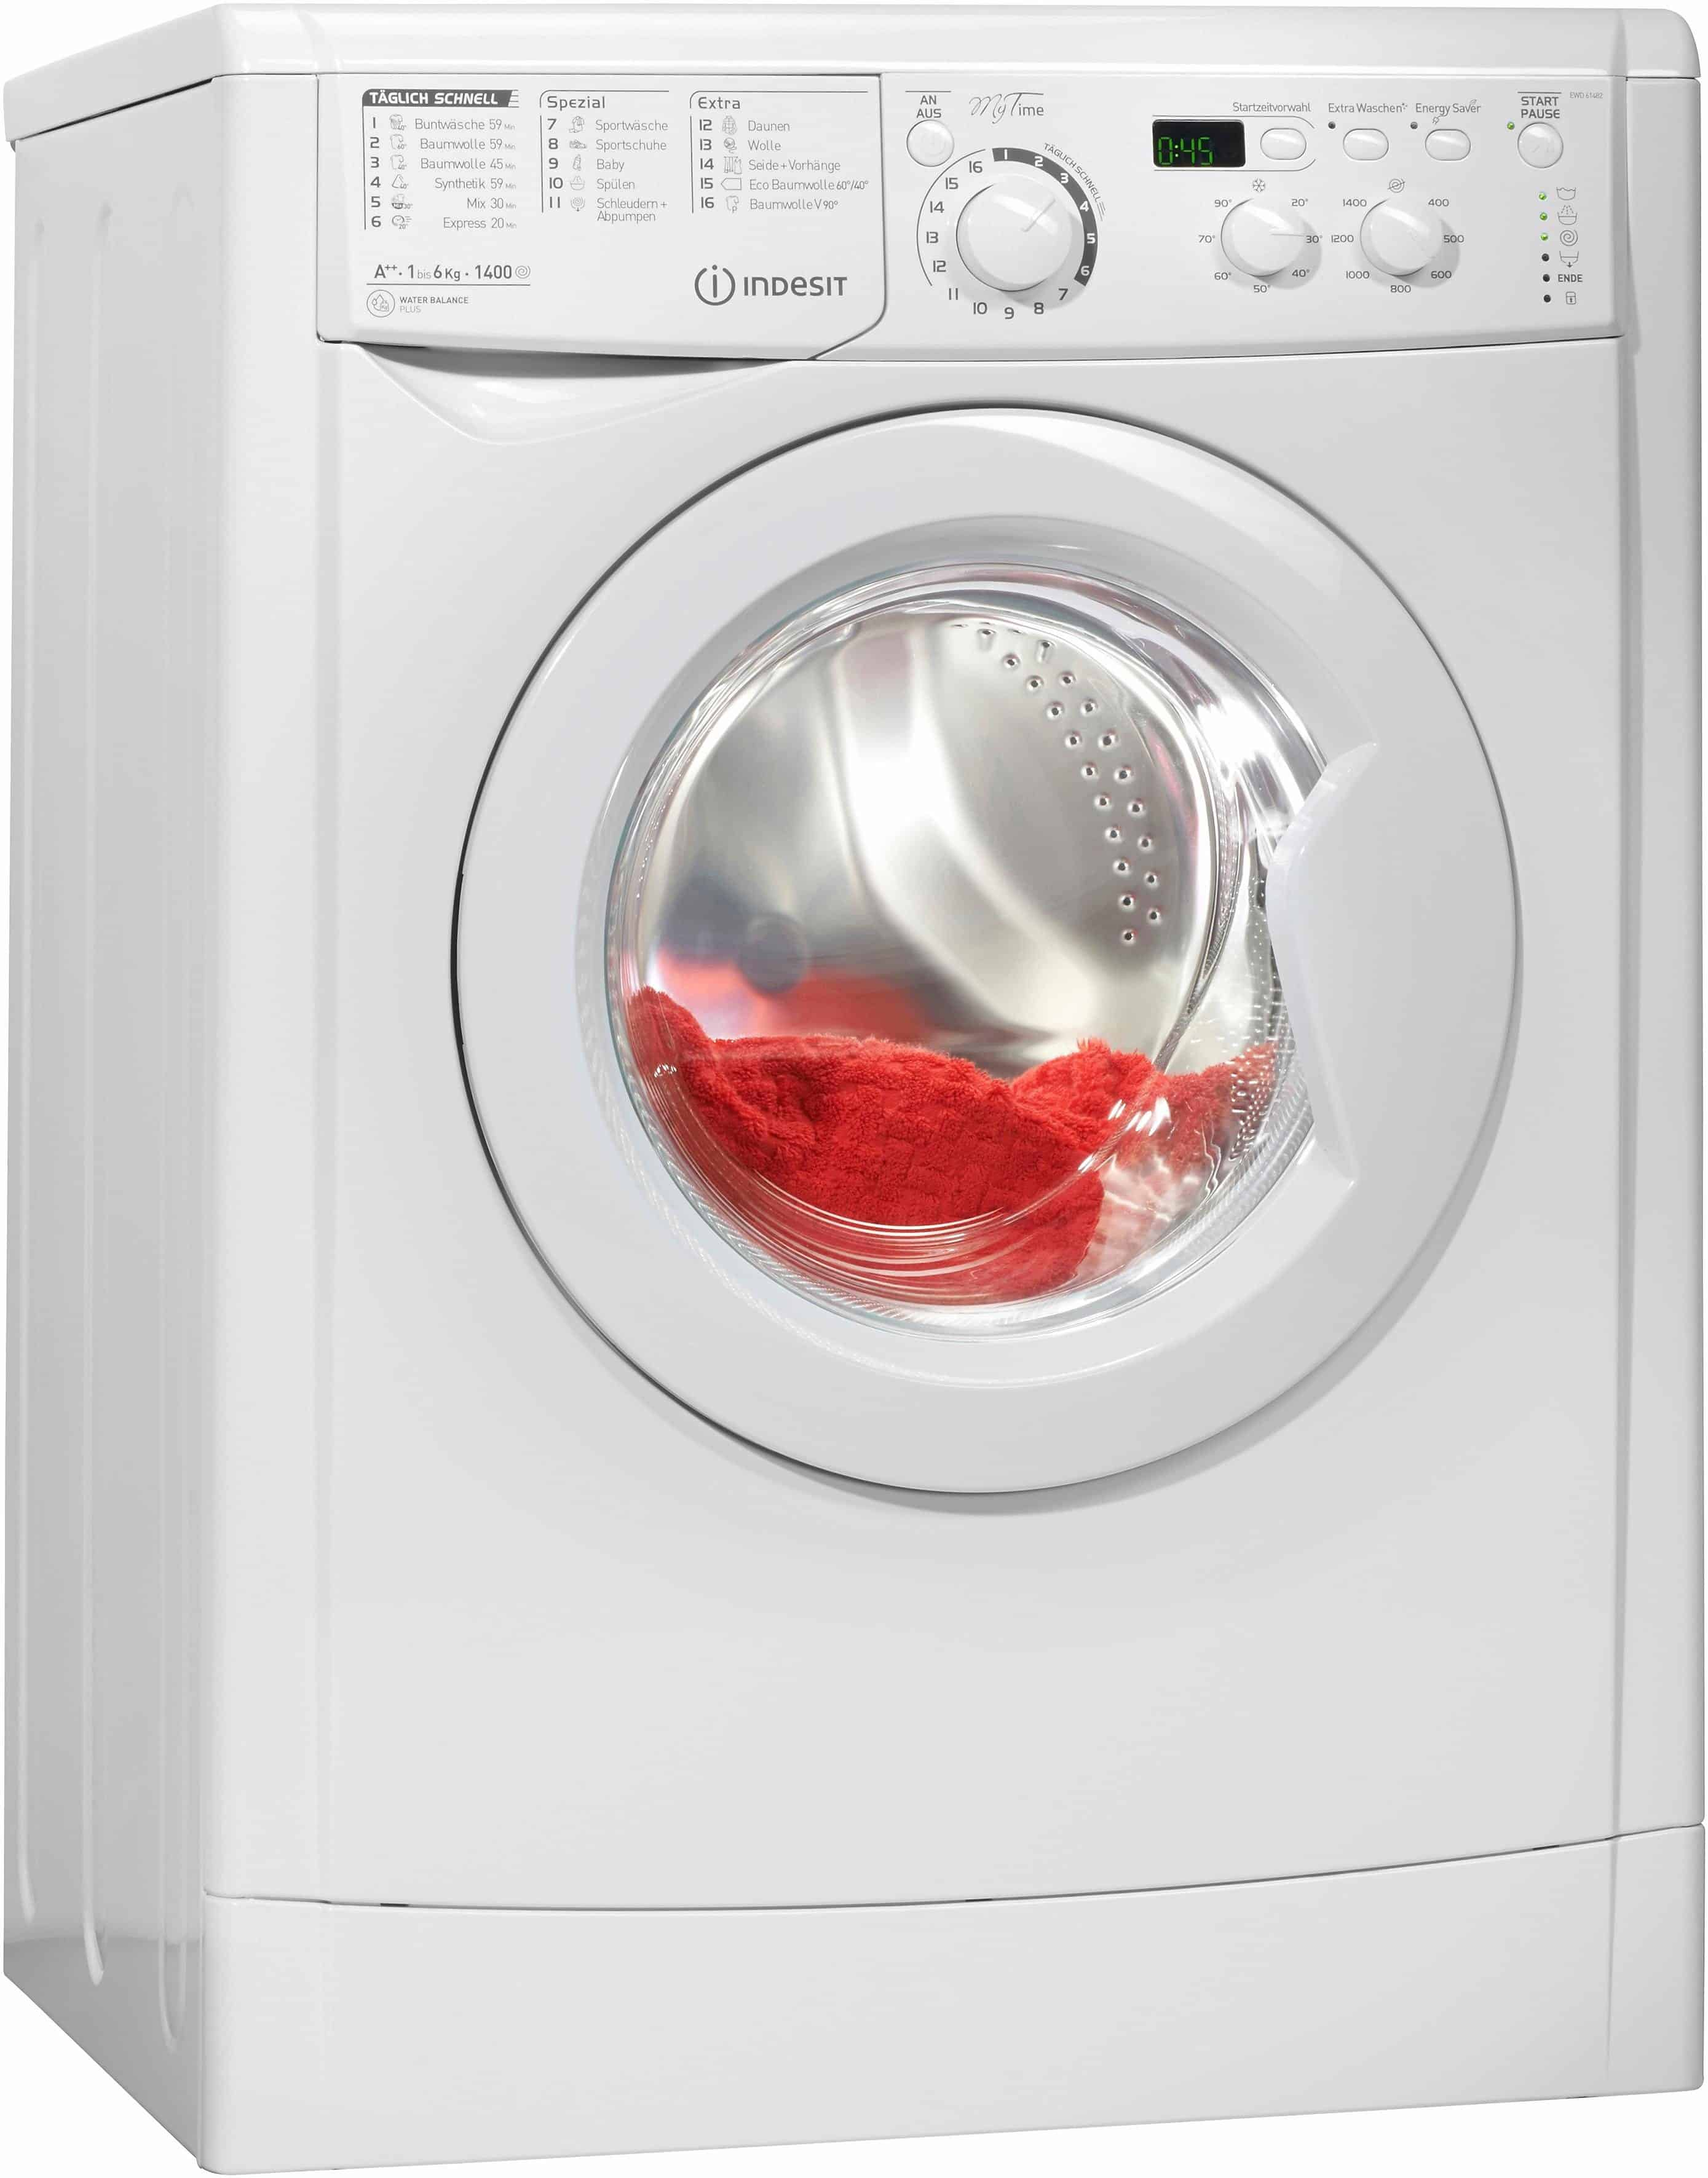 Indesit Ewe 71682 W De Waschmaschine Im Test 02 2019